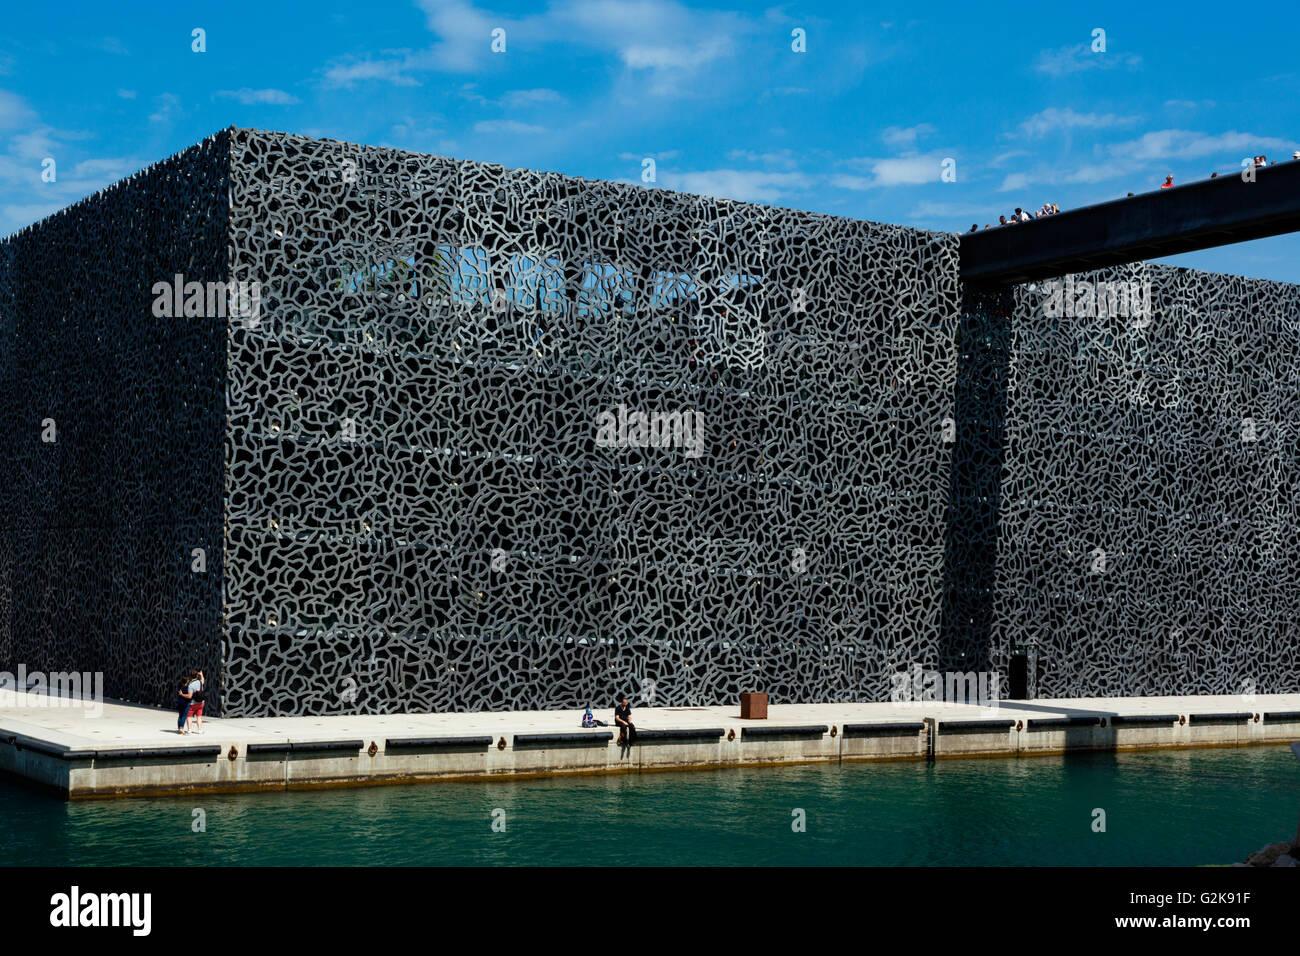 Das Mucem Museum Von Rudy Ricciotti Und Roland Carta Marseille Bouches Du Rhone Frankreich Stockfotografie Alamy